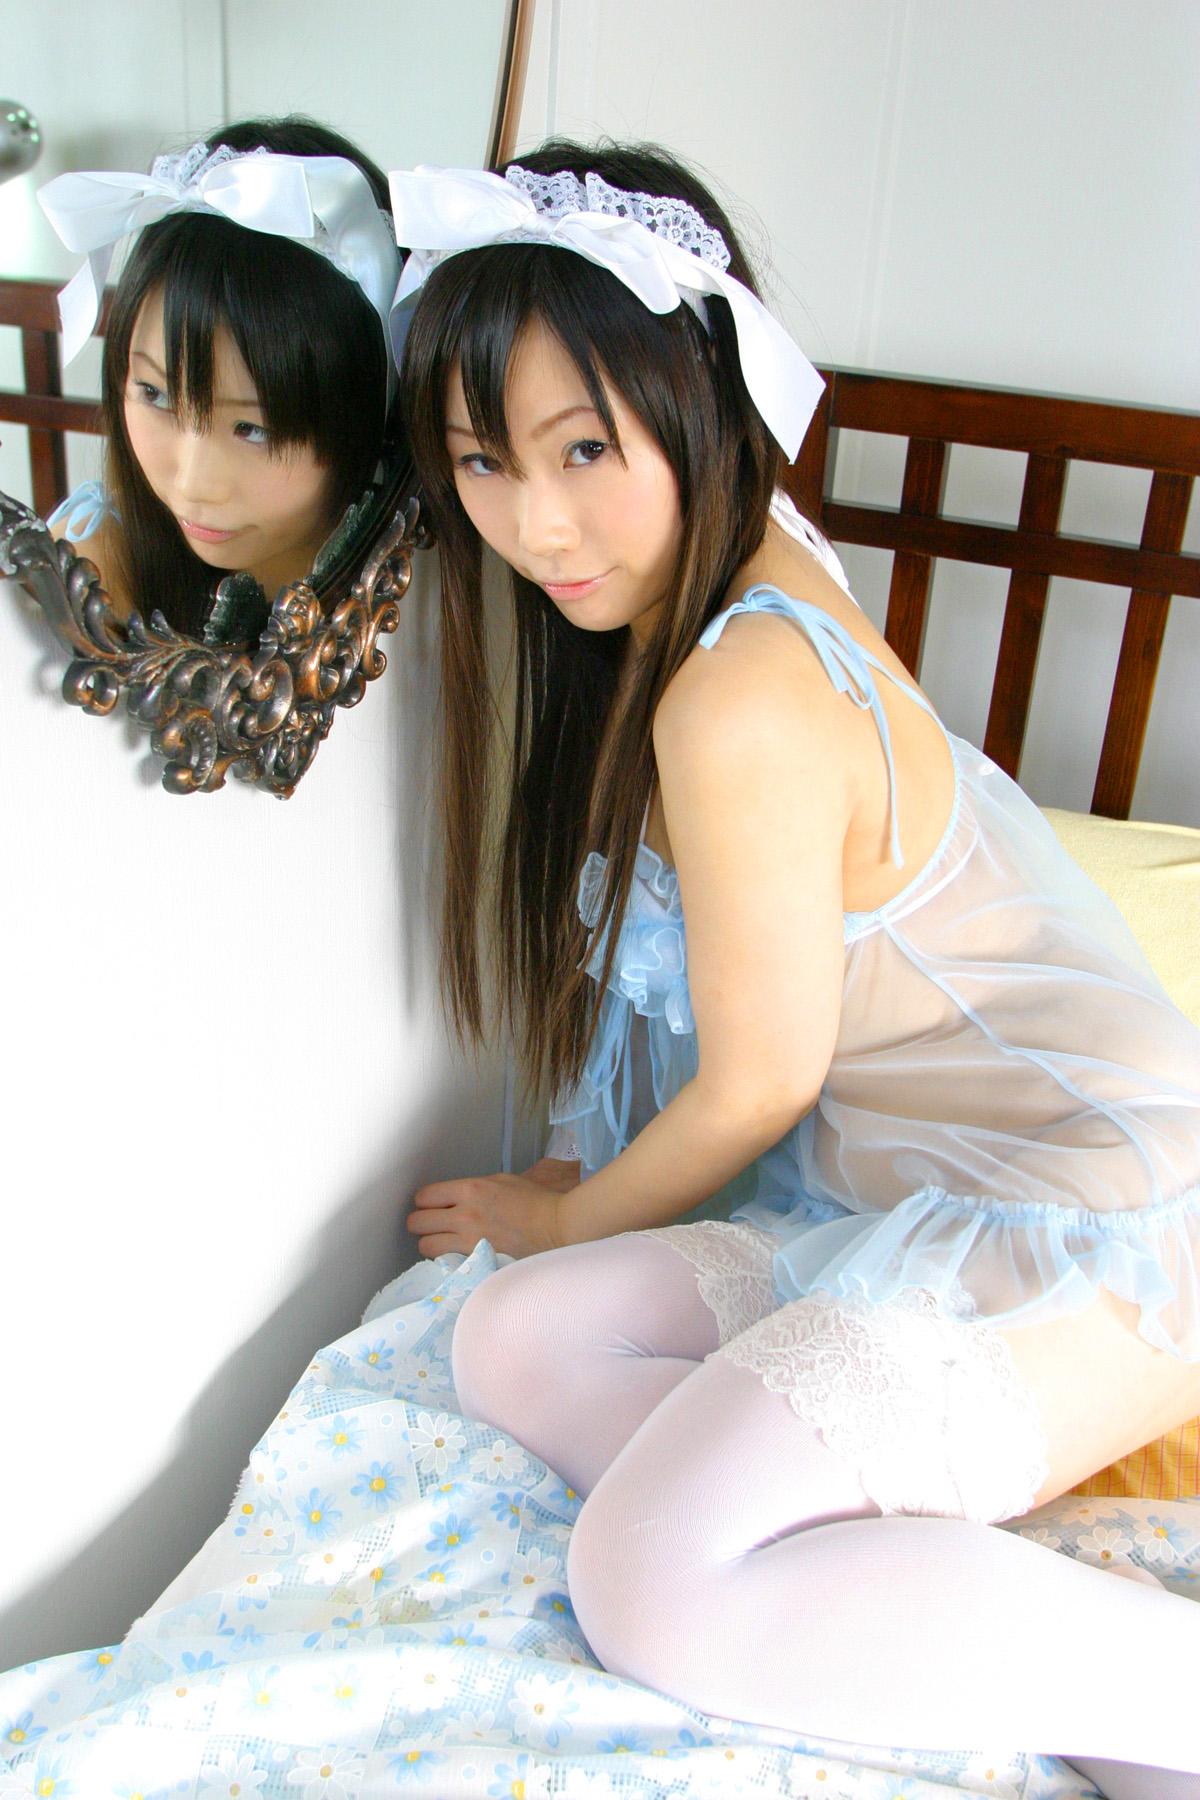 Miyu01_42.jpg